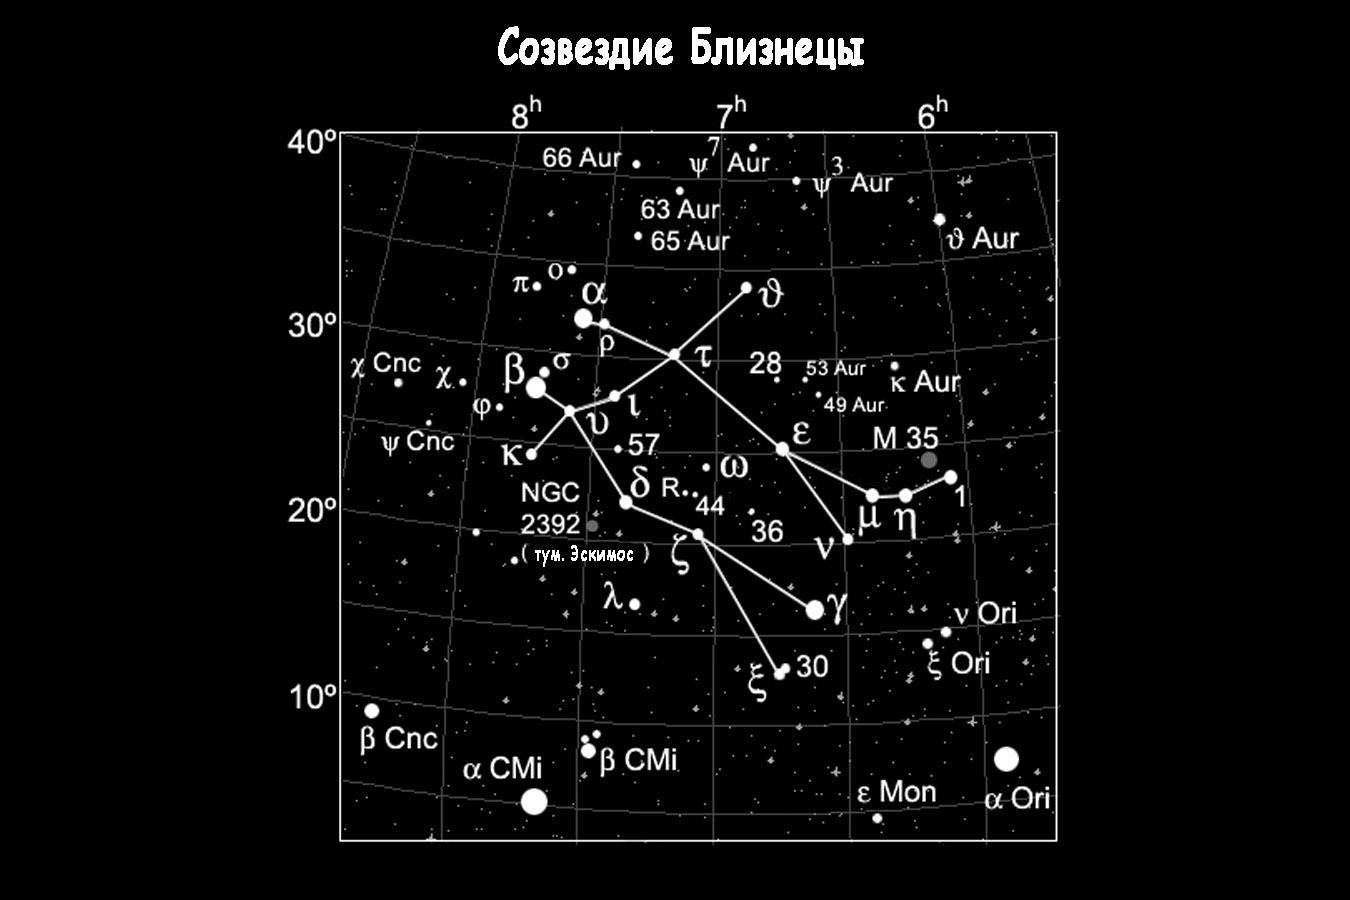 Созвездие Близнецы - Spacegid com